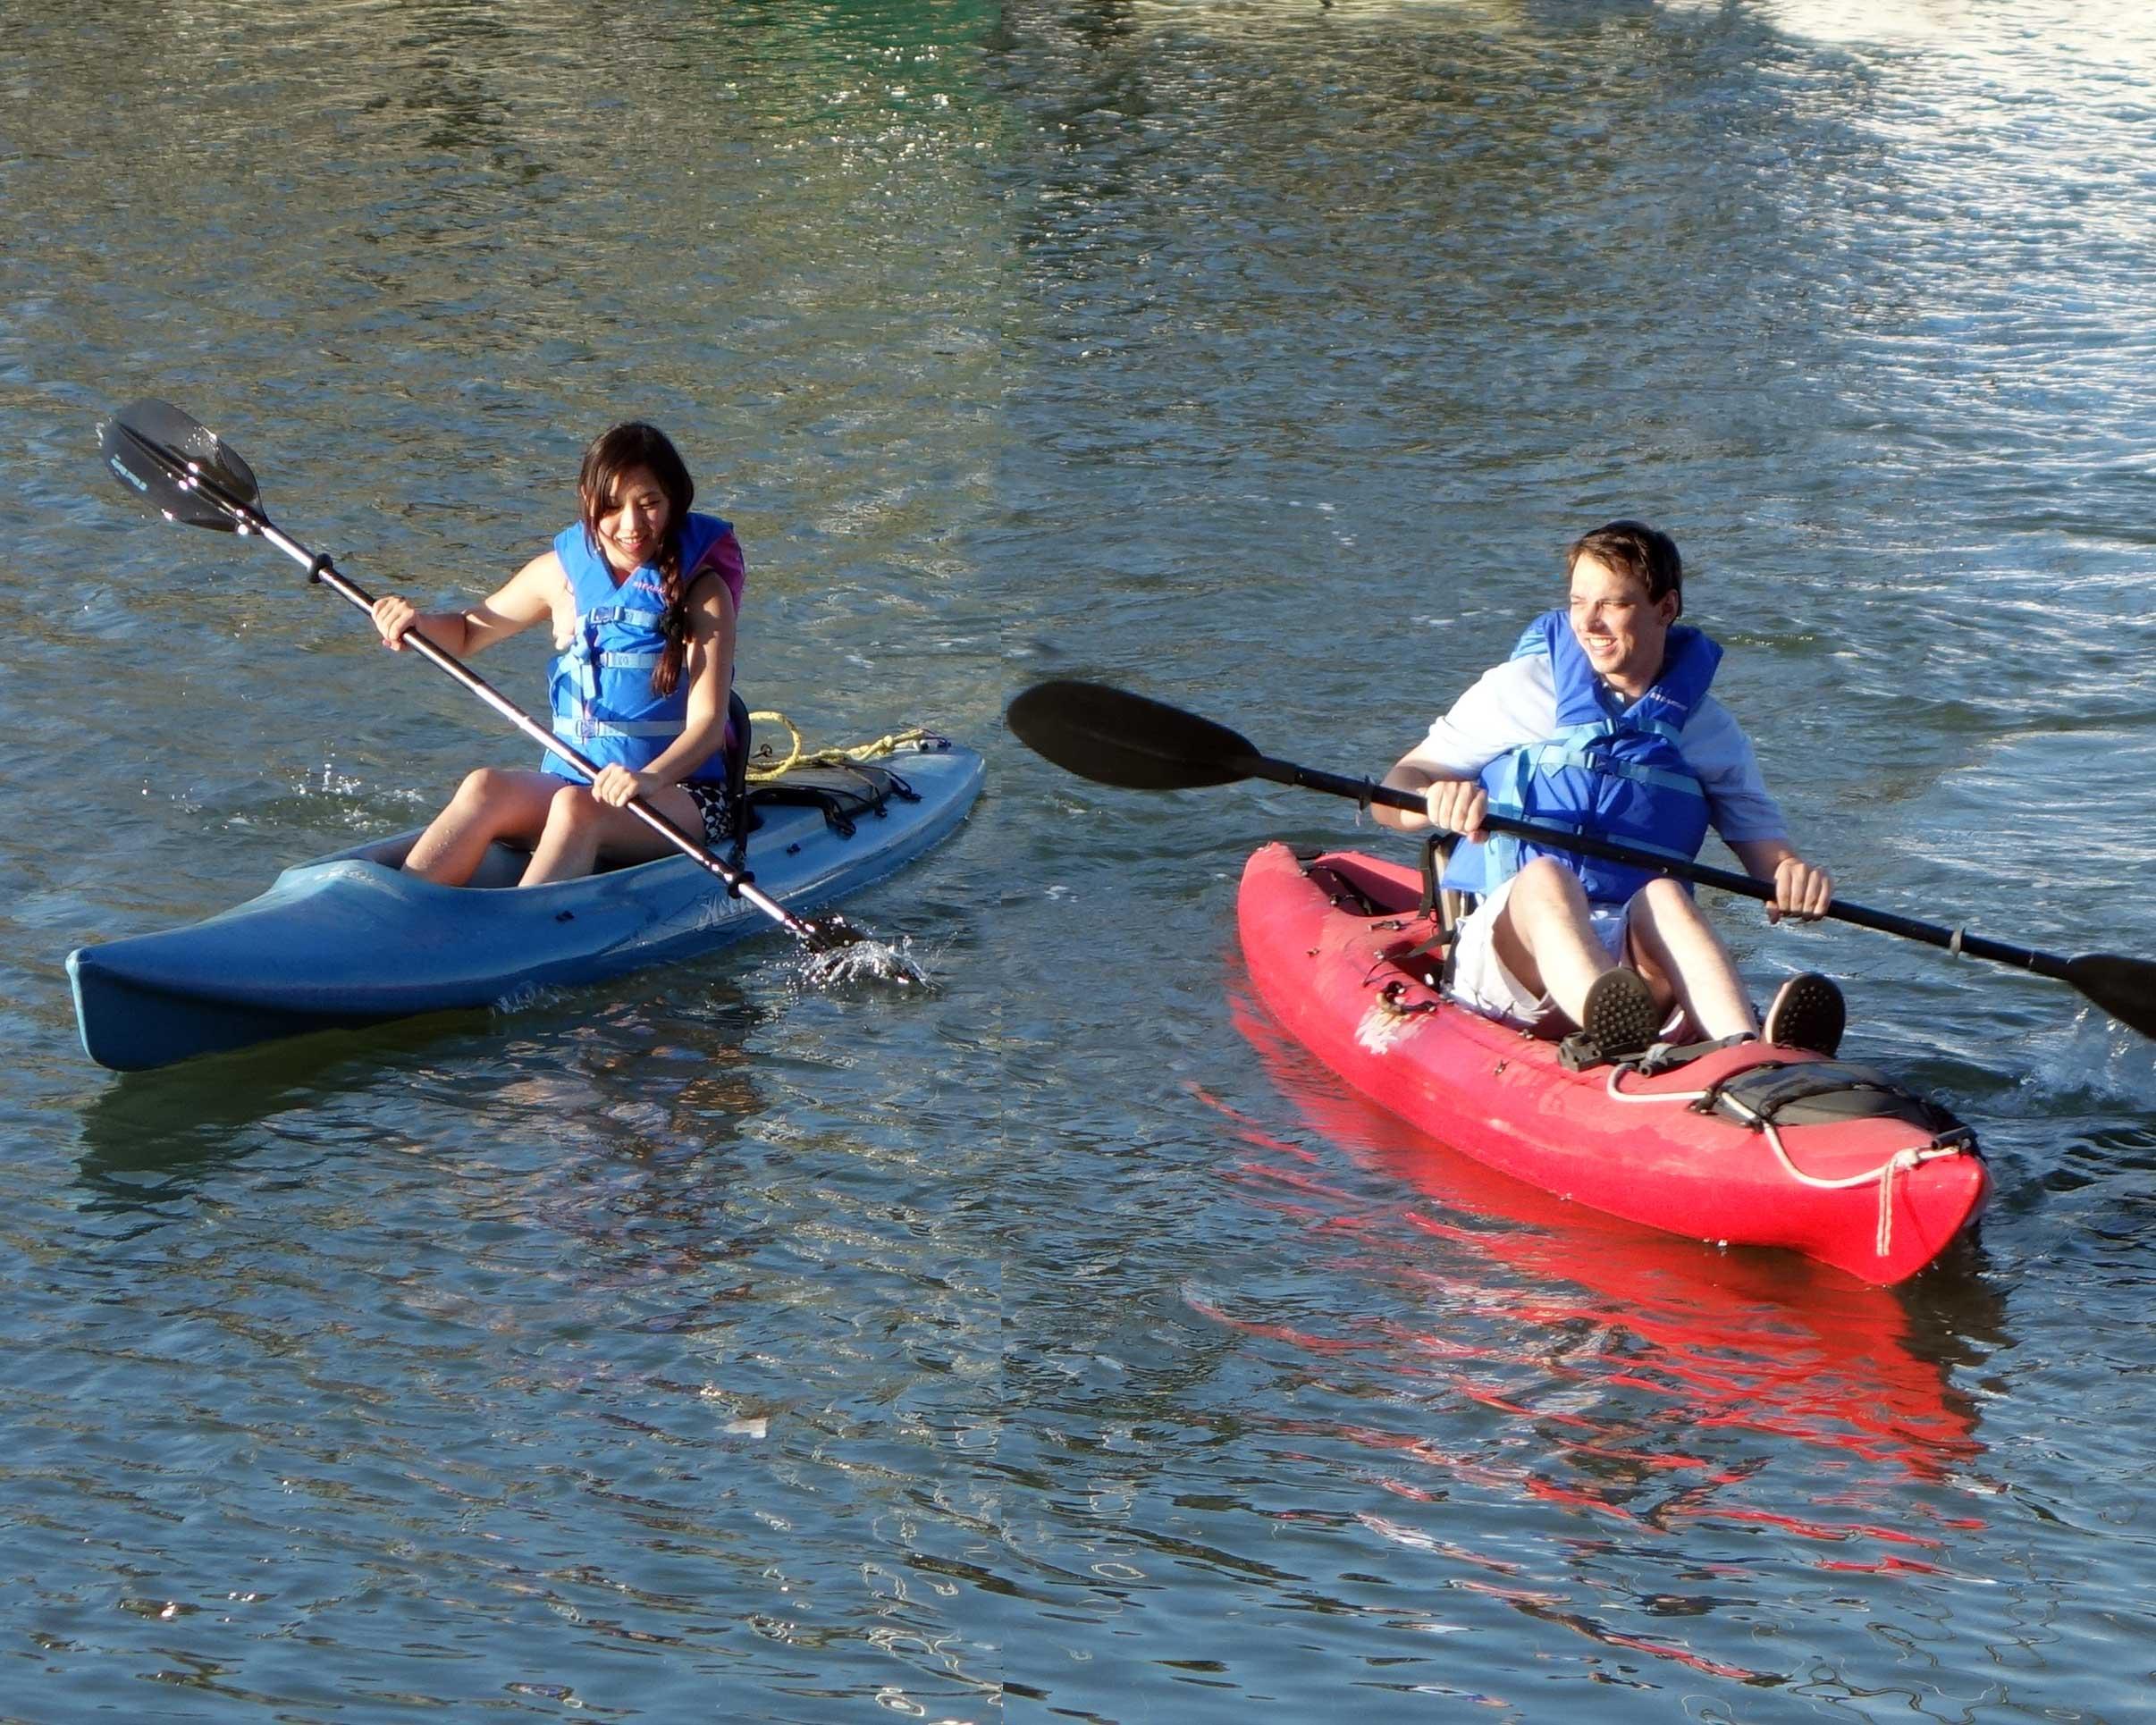 Nick-and-Jenny-2013-kayak